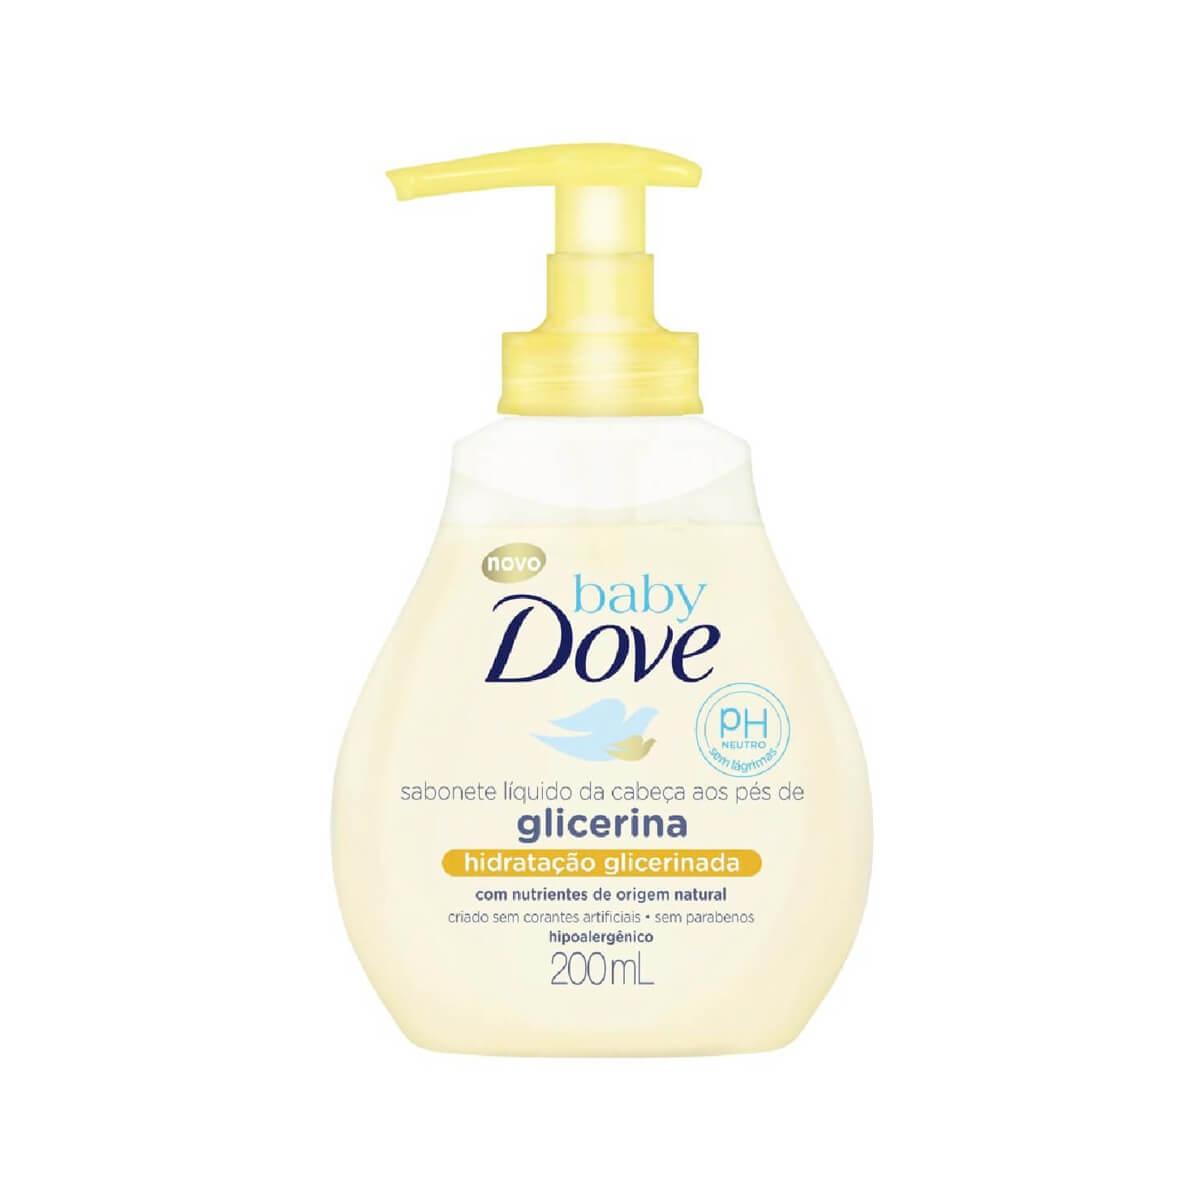 Sabonete Líquido Dove Baby Hidratação Glicerinada com 200ml Baby Dove 200ml